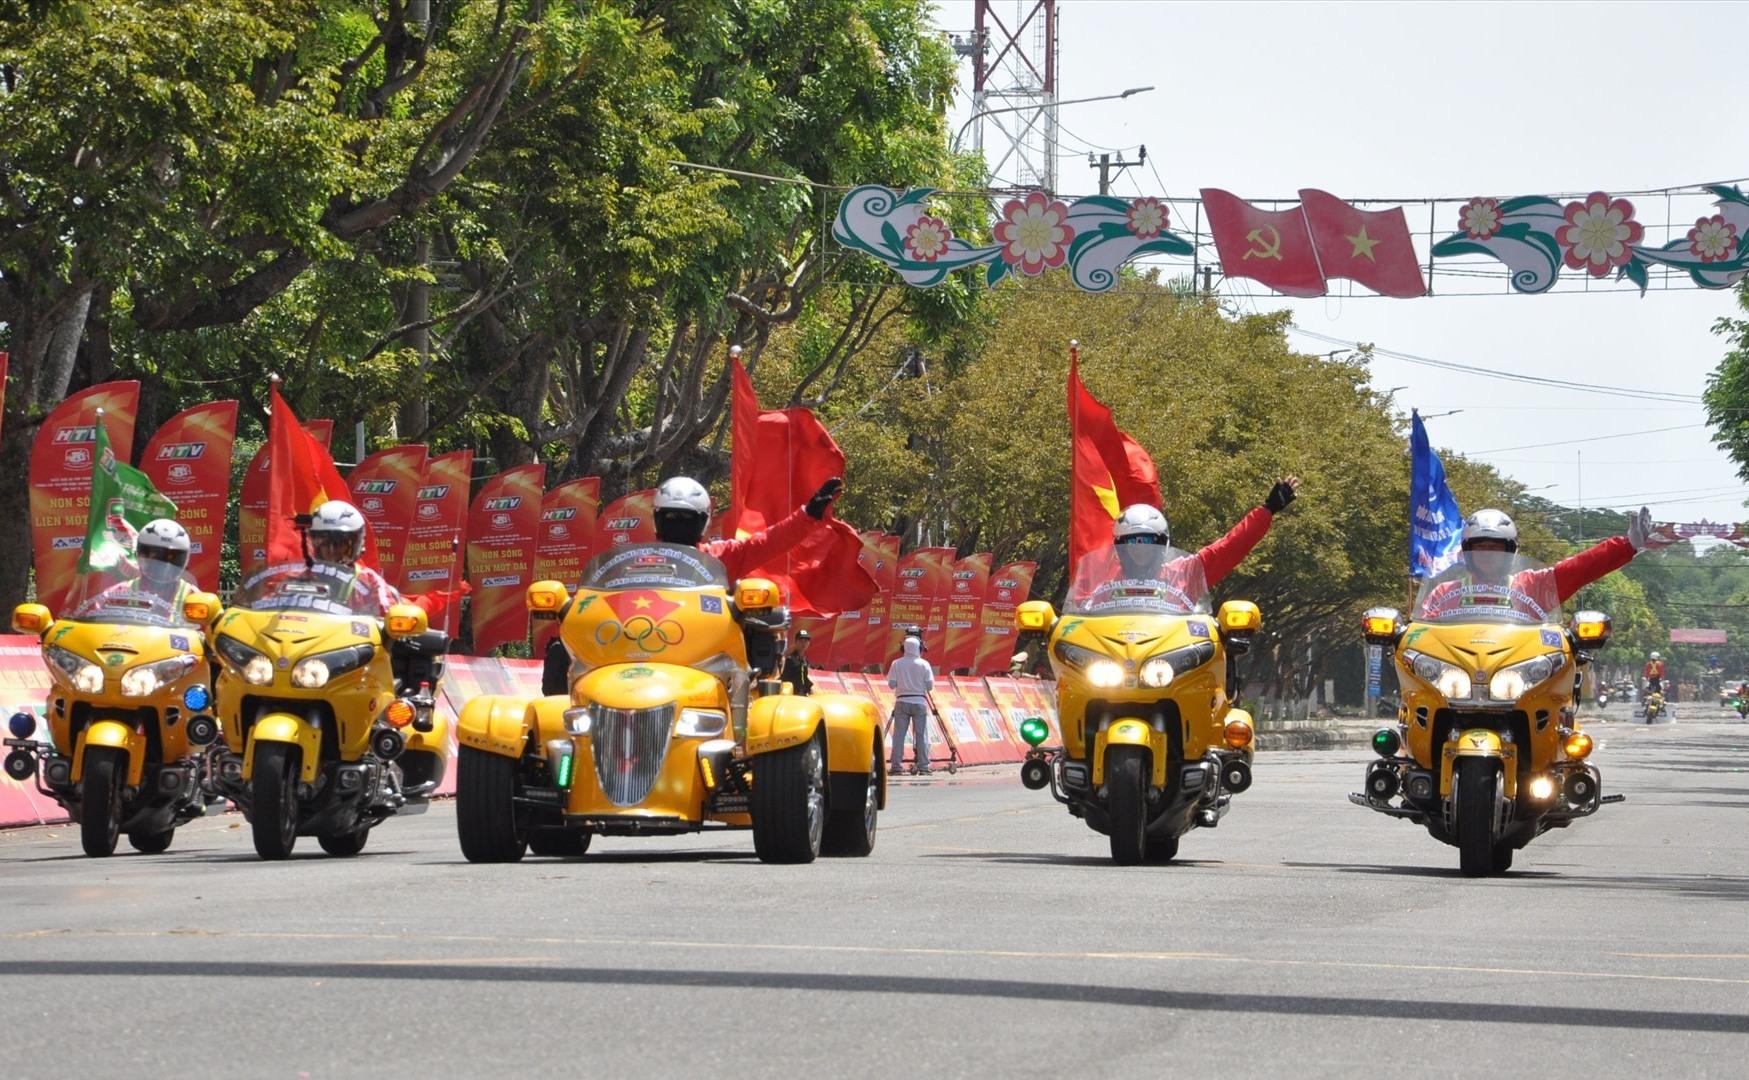 Đoàn mô tô dẫn đường giúp các tay đua thi đấu an toàn. Ảnh: T.V